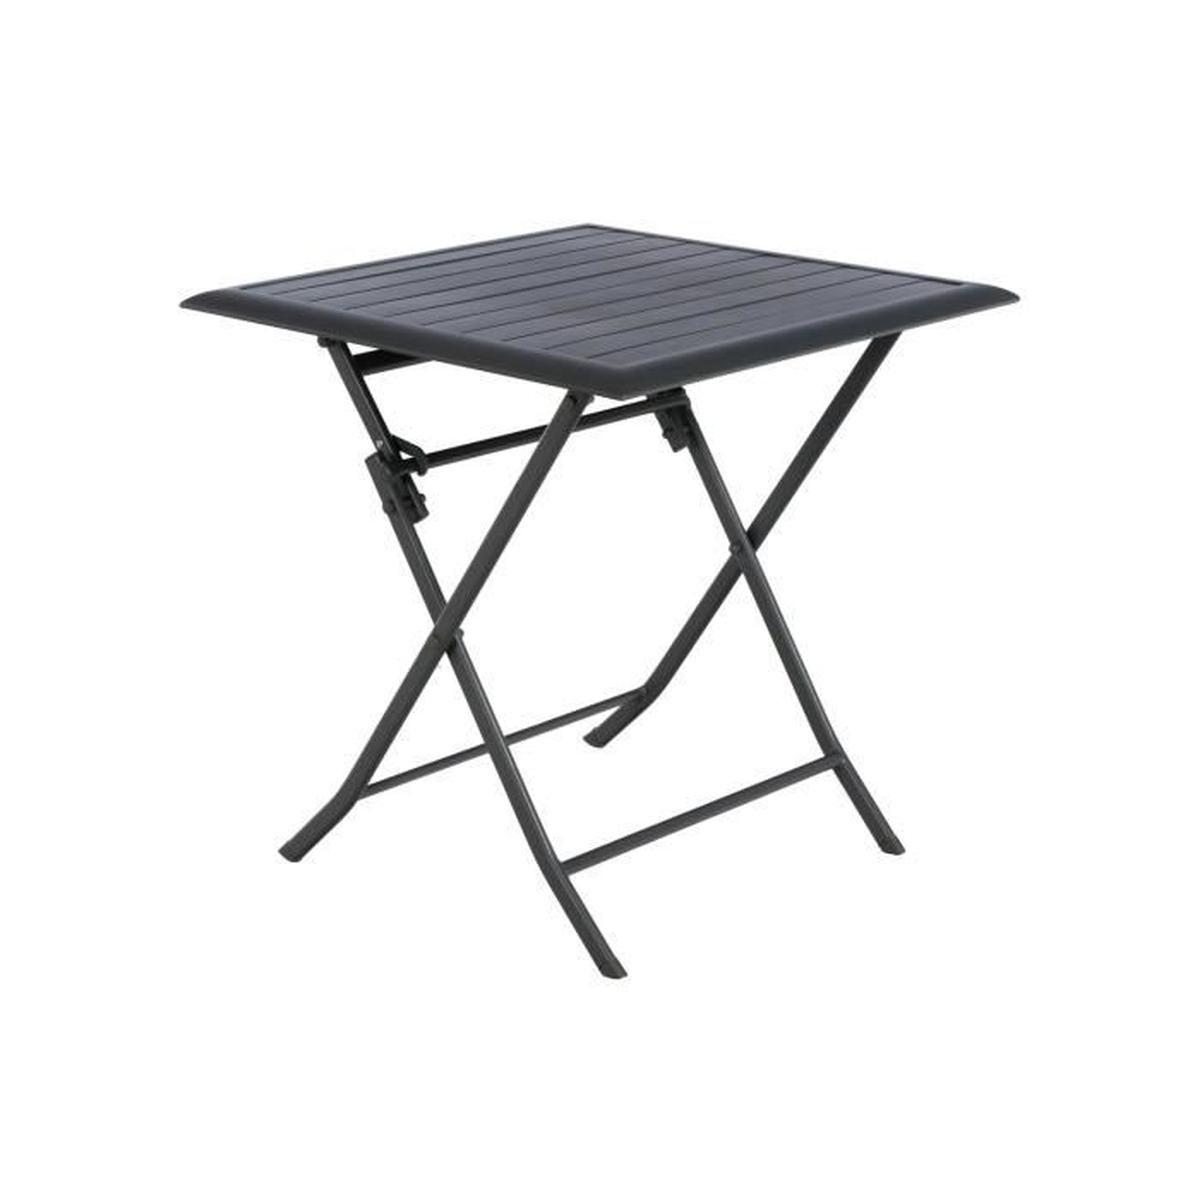 Table De Jardin Carrée Azua 2 Places Graphite - Achat ... avec Table De Jardin C Discount